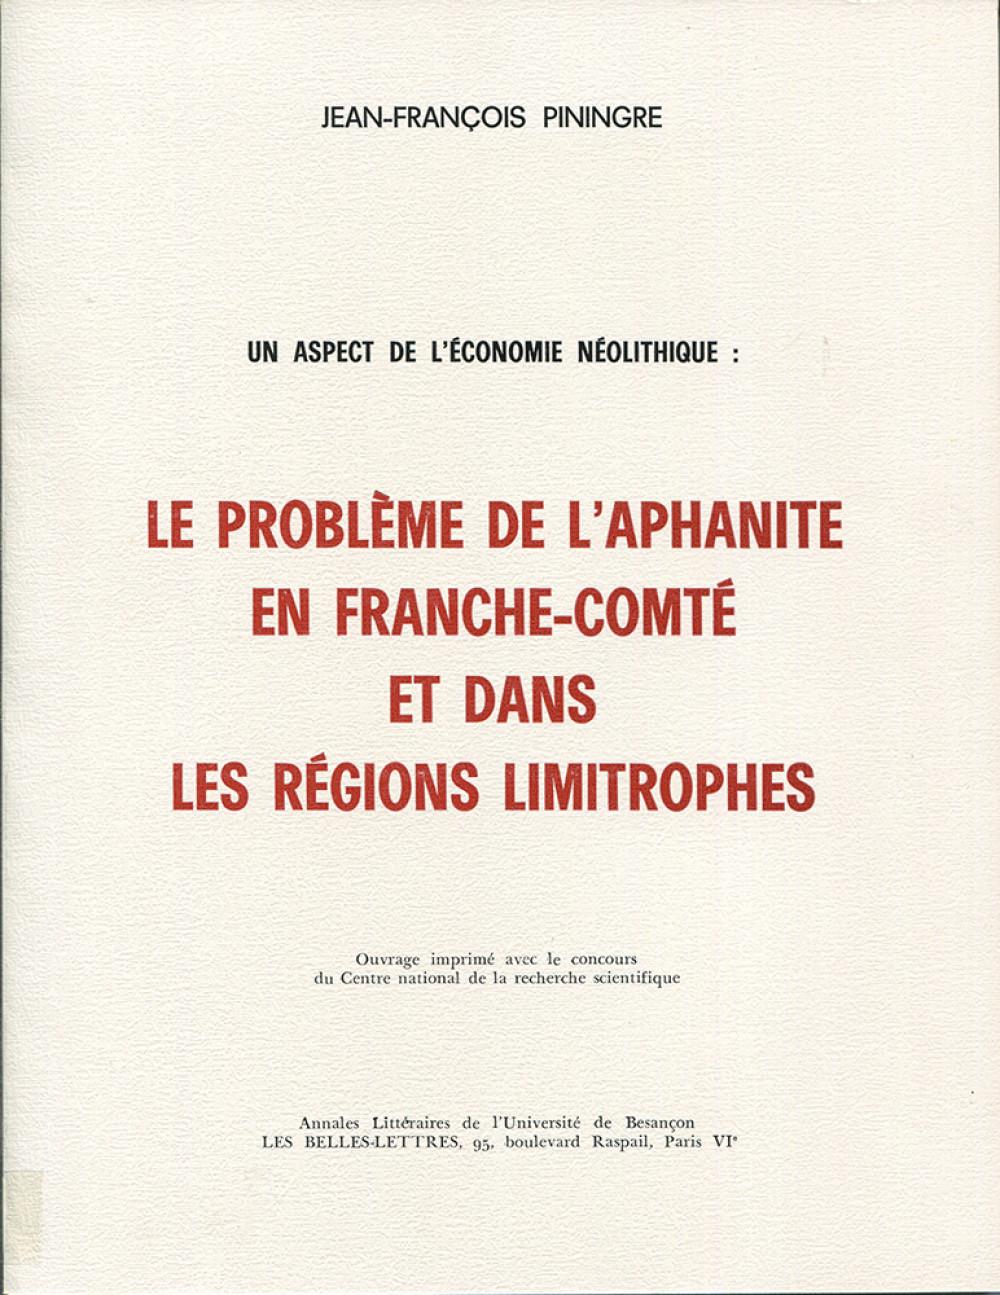 Un aspect de l'économie néolithique : le problème de l'aphanite en Franche-Comté et dans les régions limitrophes